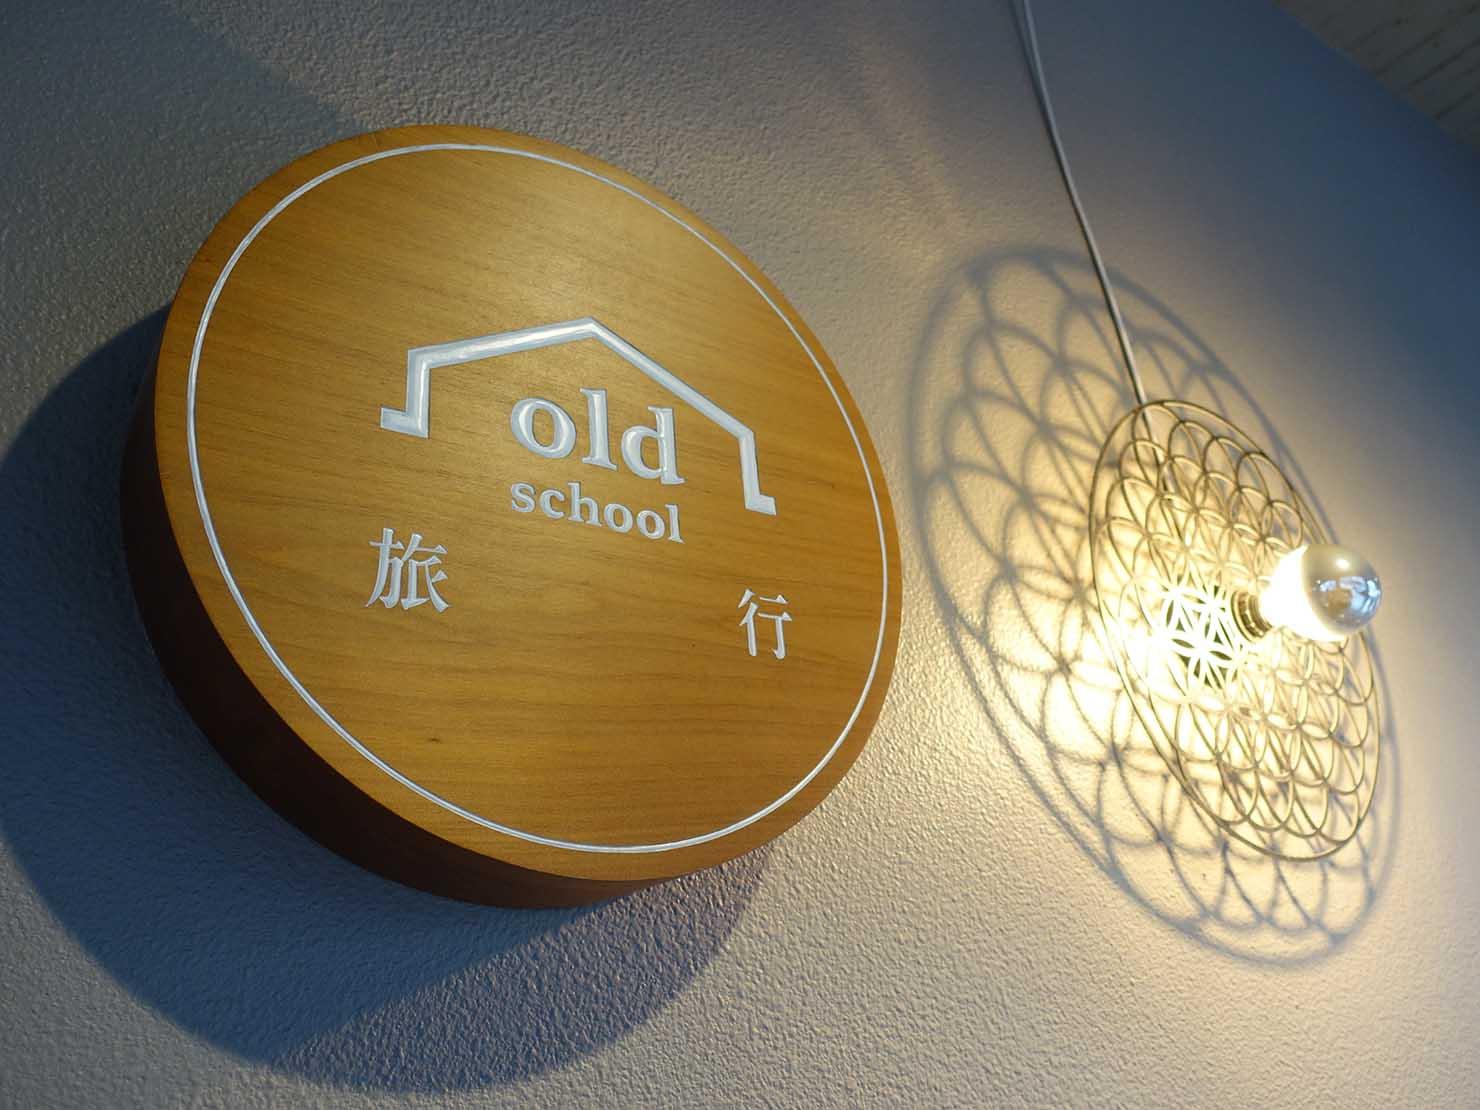 台南駅徒歩10分のかわいいデザインホテル「南方家屋 Old School」のエントランス看板